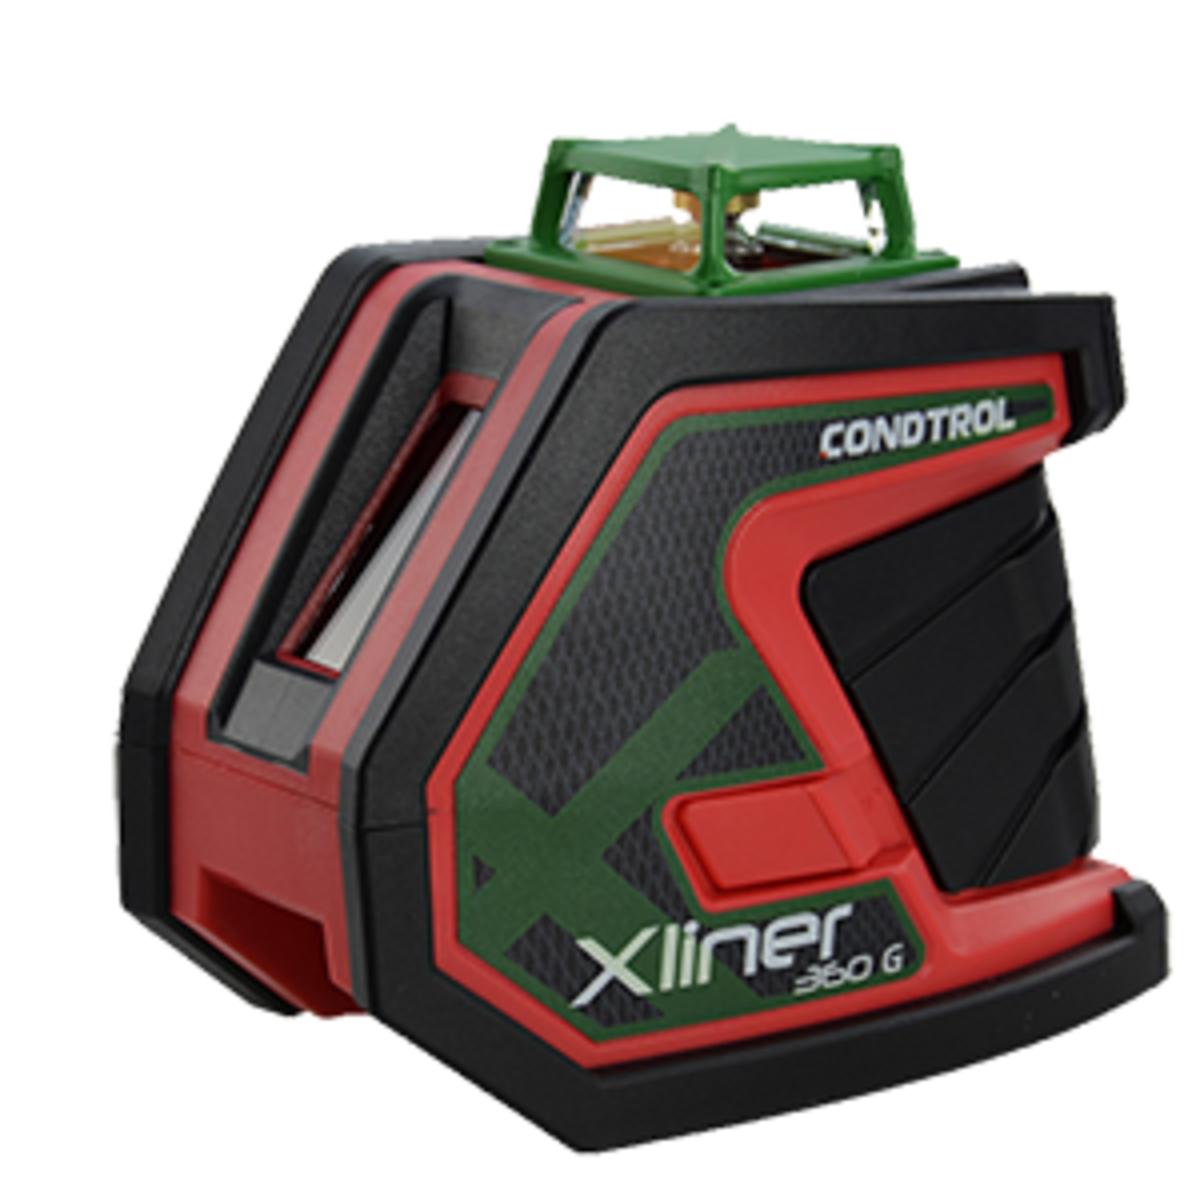 Лазерный нивелир Condtrol Xliner Duo 360G с перекрёстными лучами